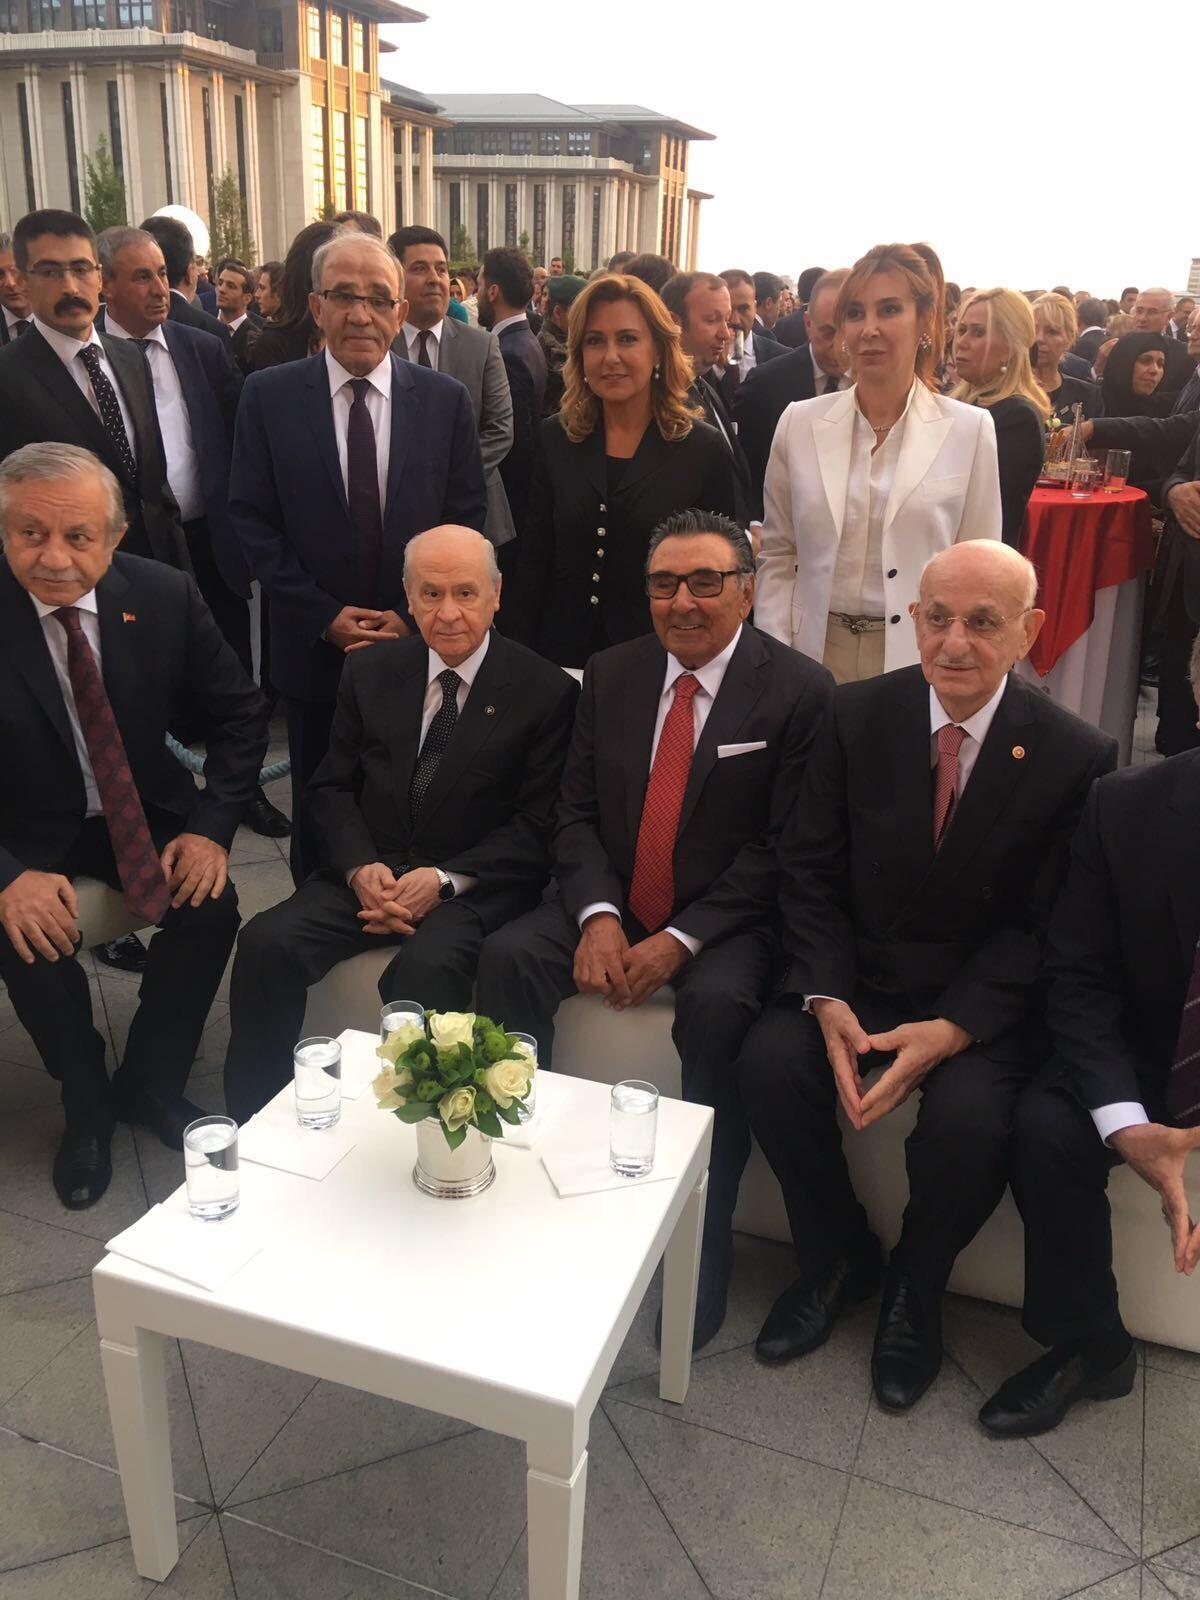 Zaferin 95. yıldönümü... Ankara'da resepsiyon başladı